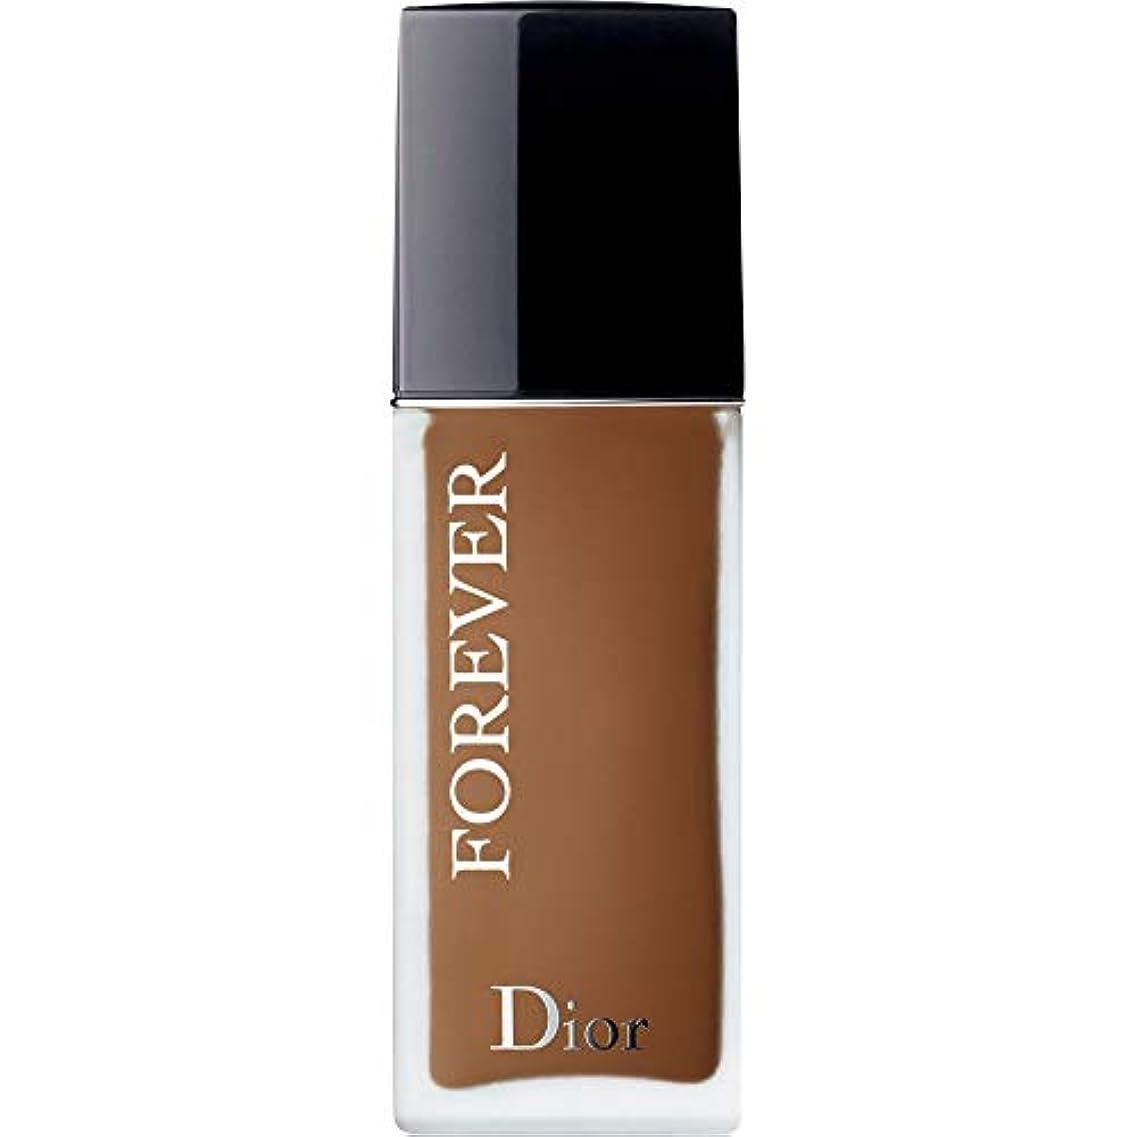 計算鮫ブルゴーニュ[Dior ] ディオール永遠皮膚思いやりの基盤Spf35 30ミリリットルの7N - ニュートラル(つや消し) - DIOR Forever Skin-Caring Foundation SPF35 30ml 7N -...